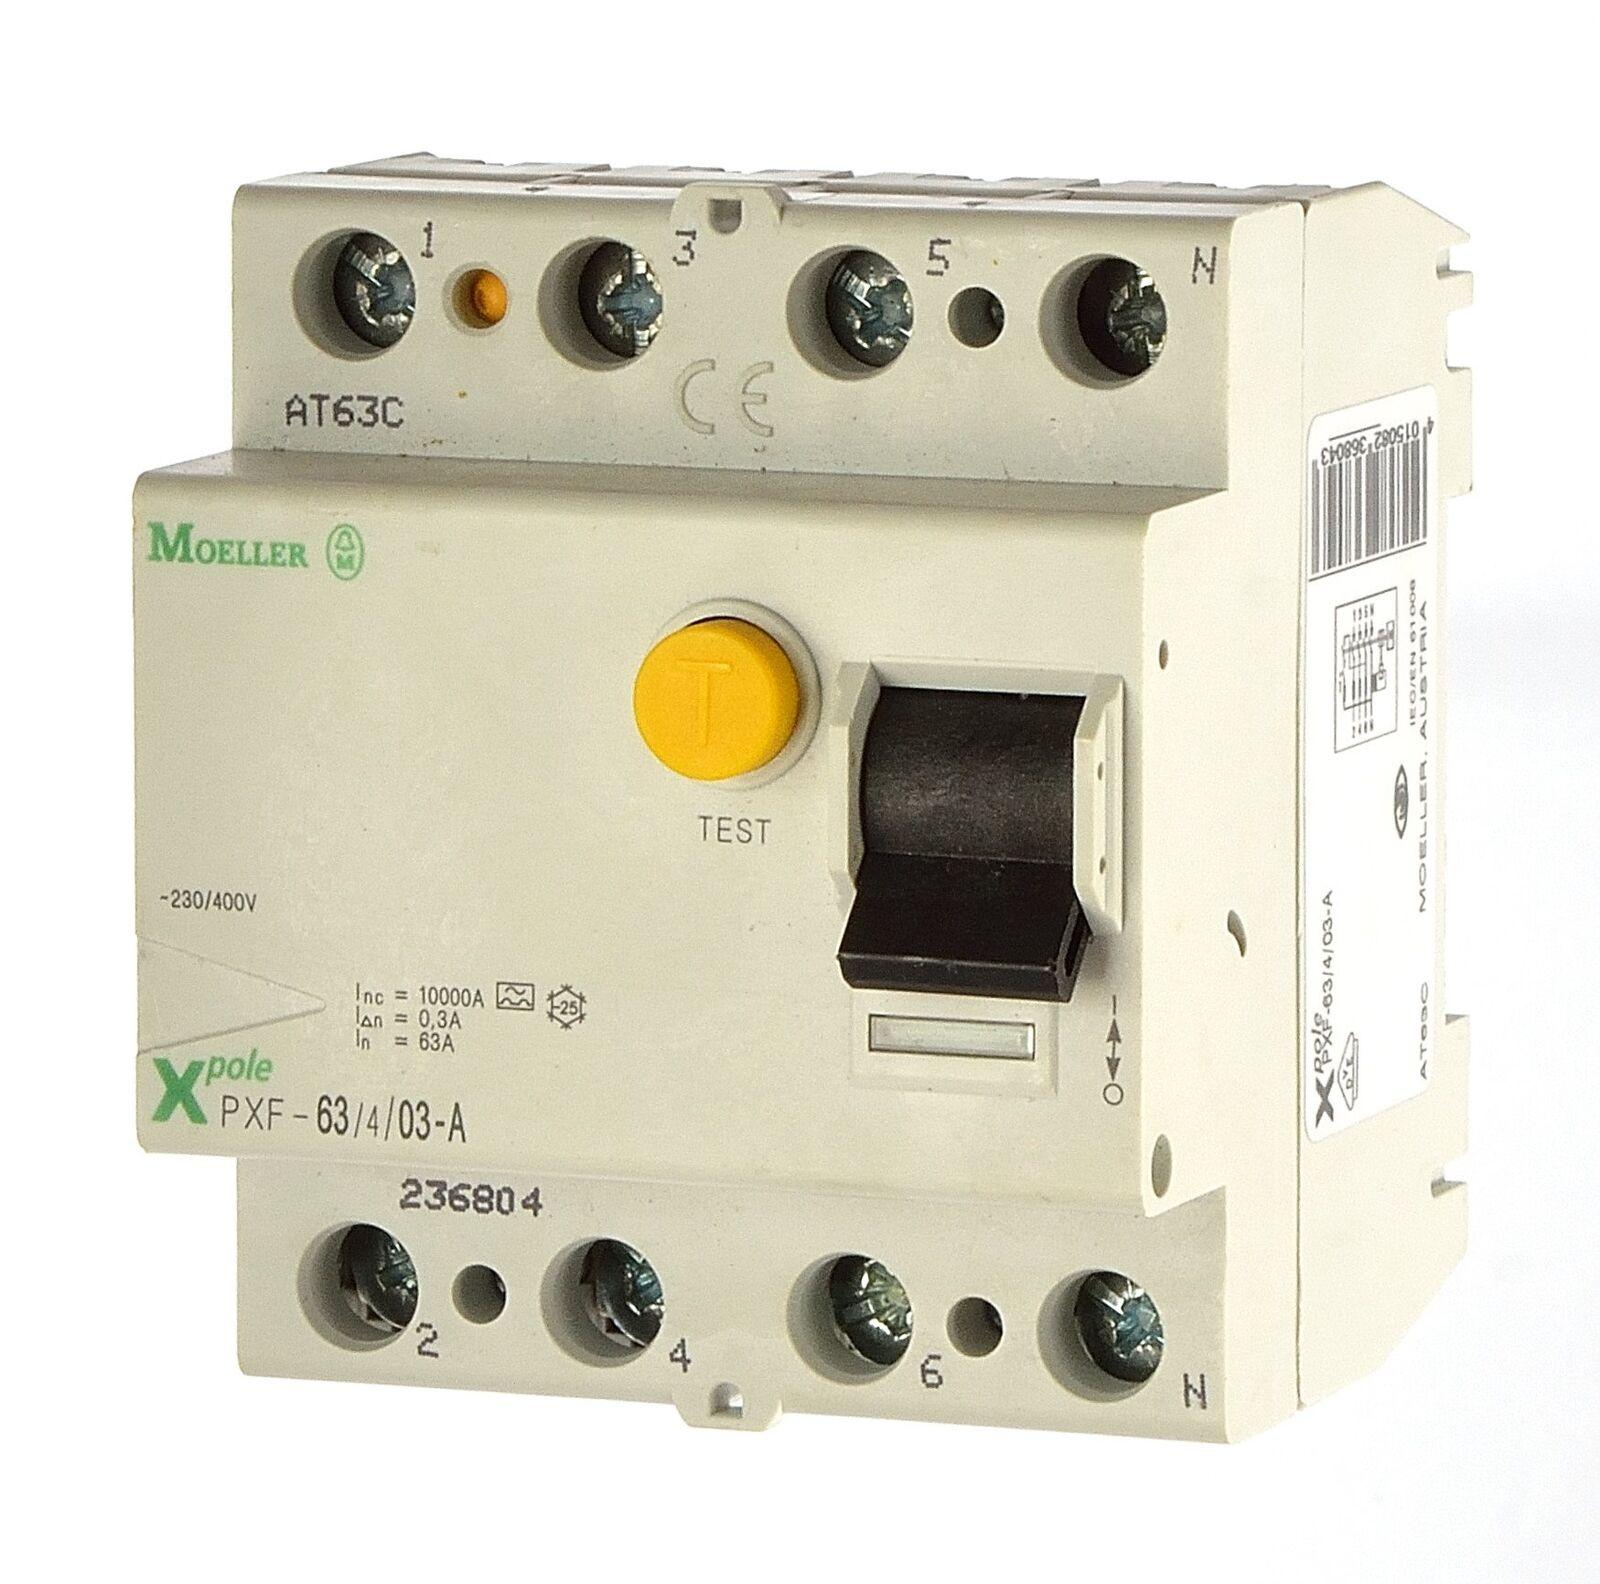 Moeller PXF-63 4 03-A Fi Schalter 4polig 0,3A 236804  Fehlerstromschutzschalter